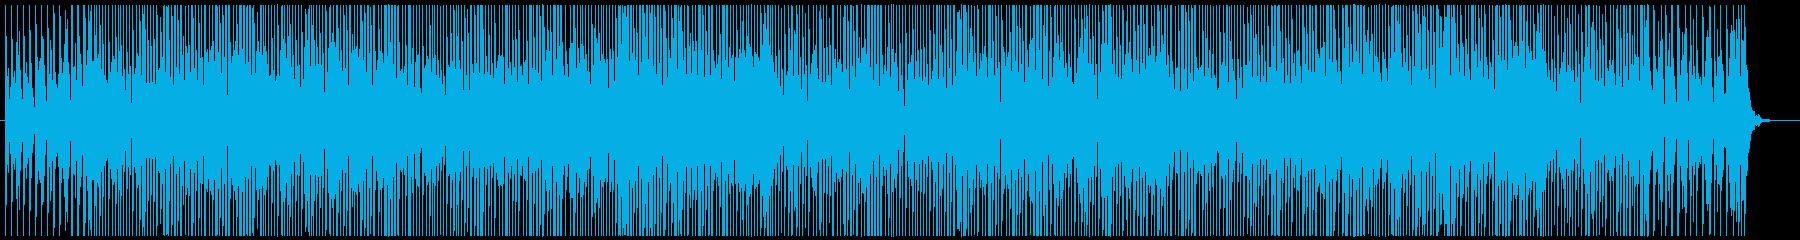 ポップでエレクトロなホラー/ハロウィンの再生済みの波形